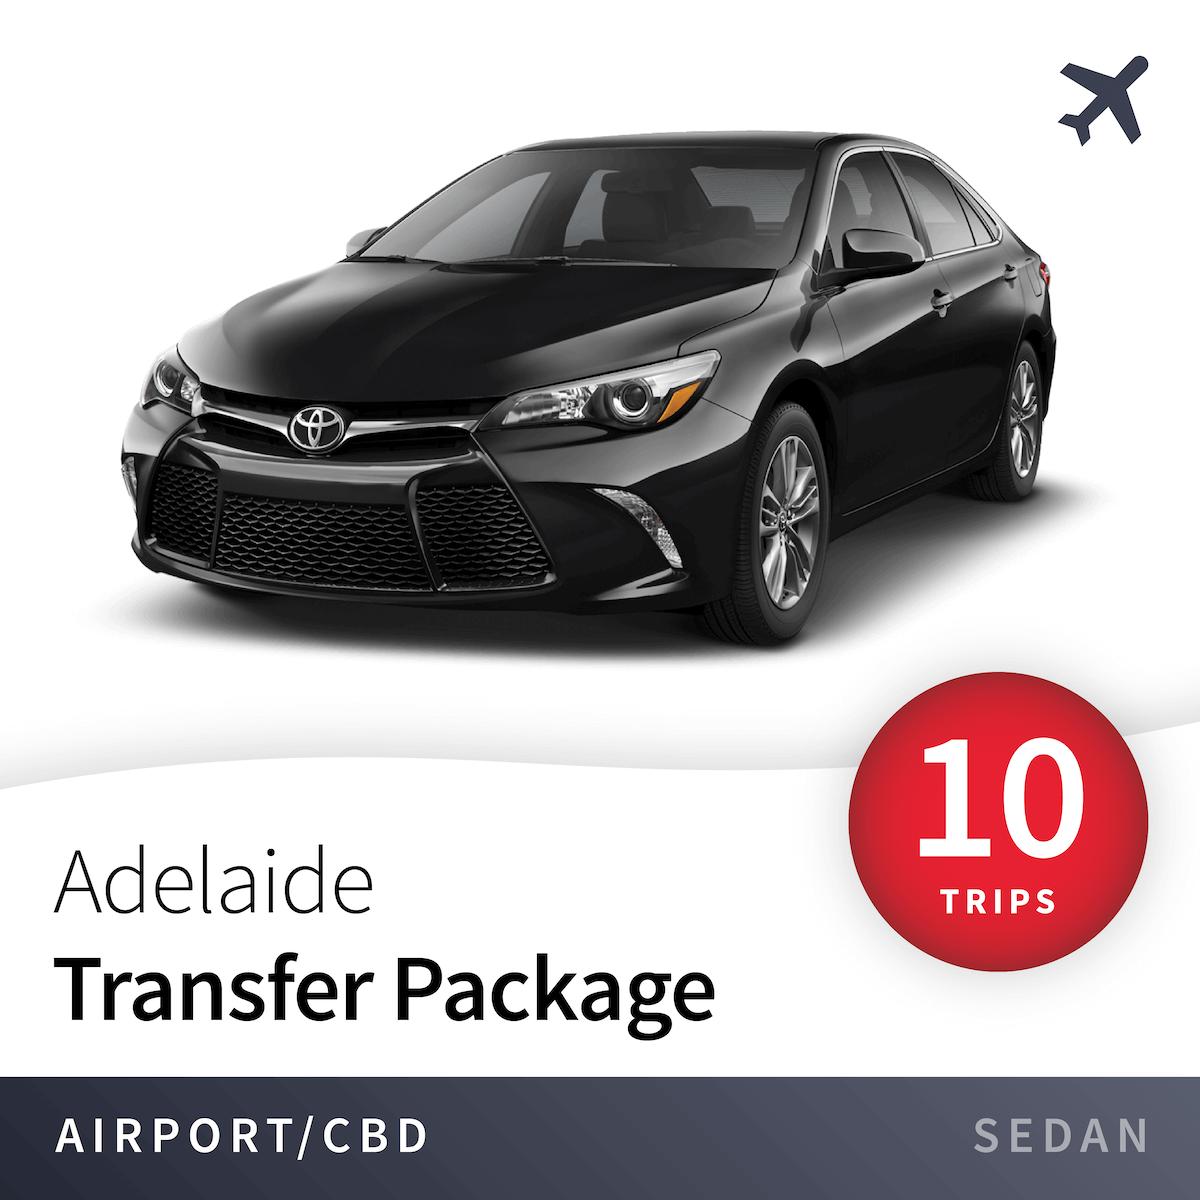 Adelaide Airport Transfer Package - Sedan (10 Trips) 1